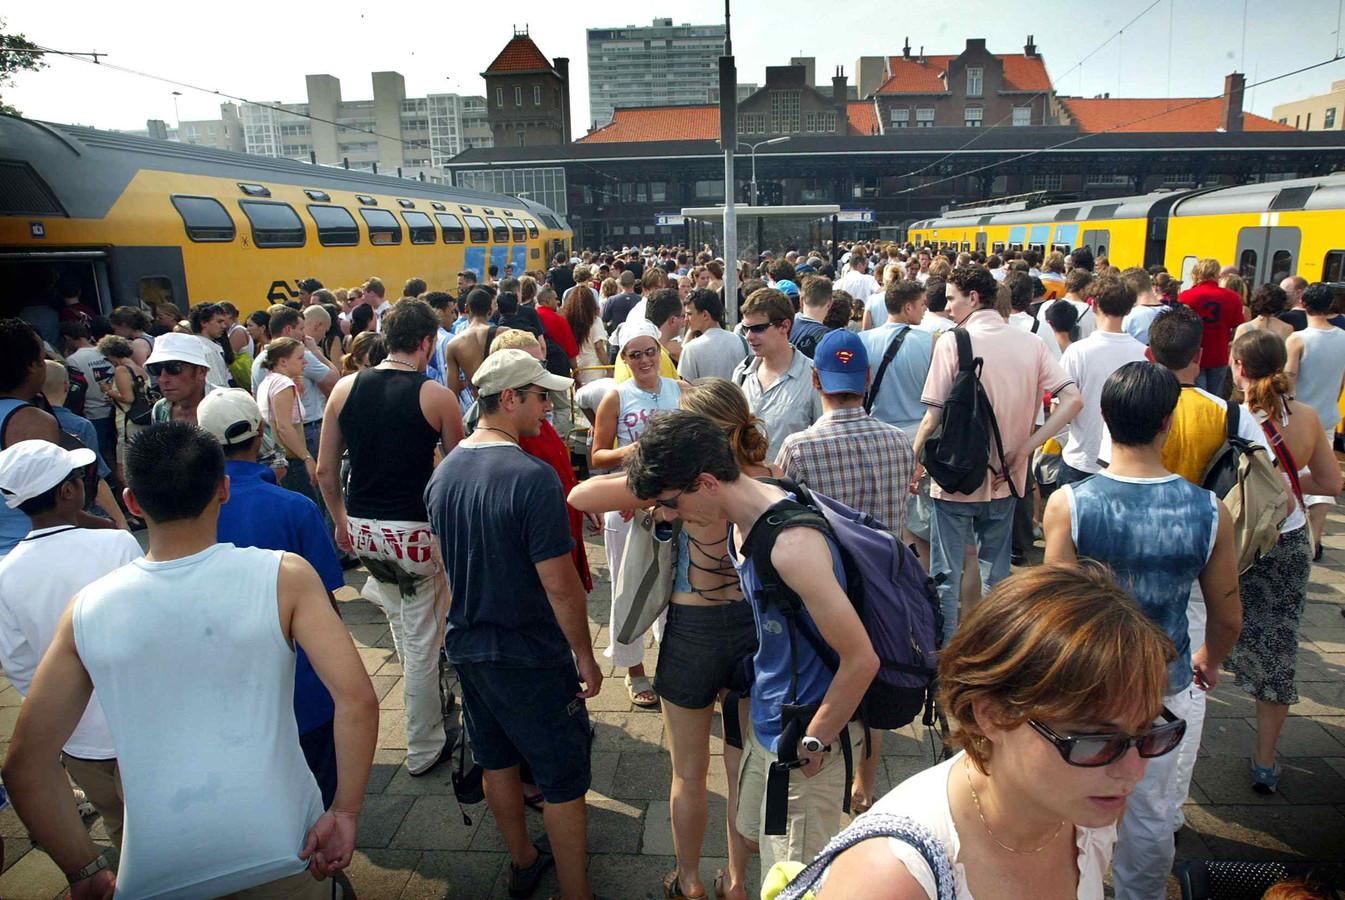 Drukte op station Zandvoort tijdens een zomerse dag.